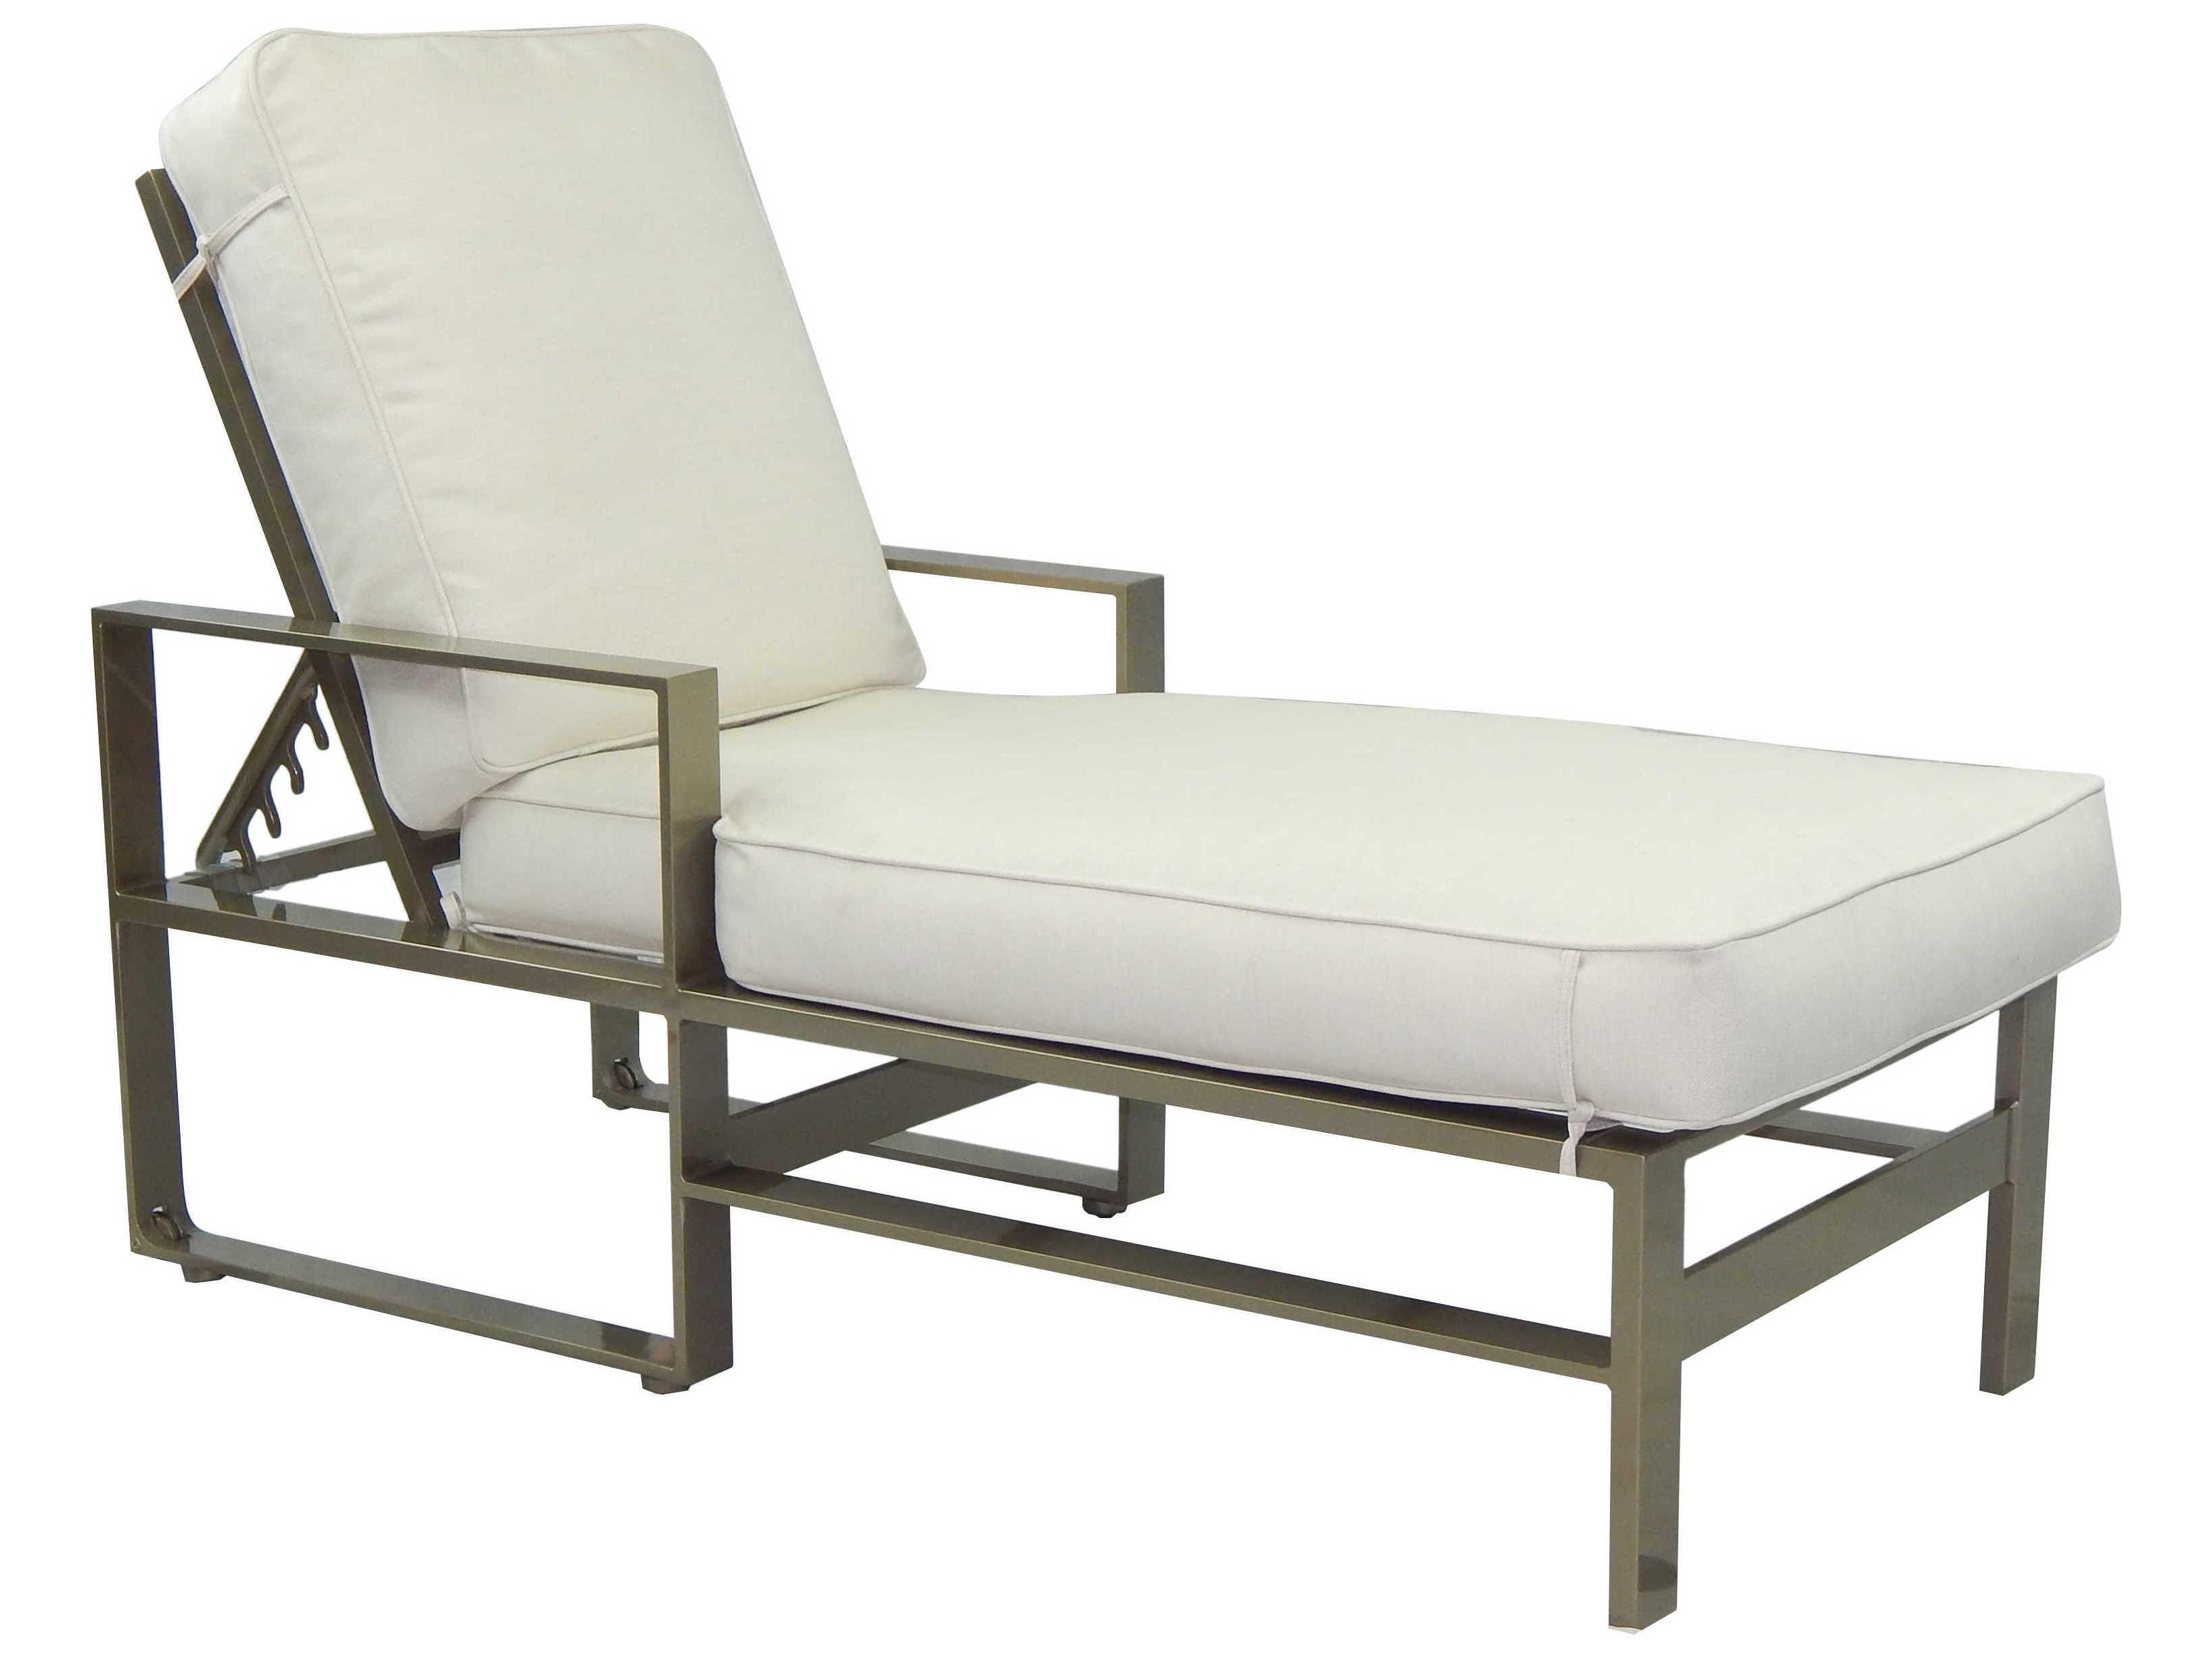 Castelle Park Place Cushion Cast Aluminum Adjustable ...